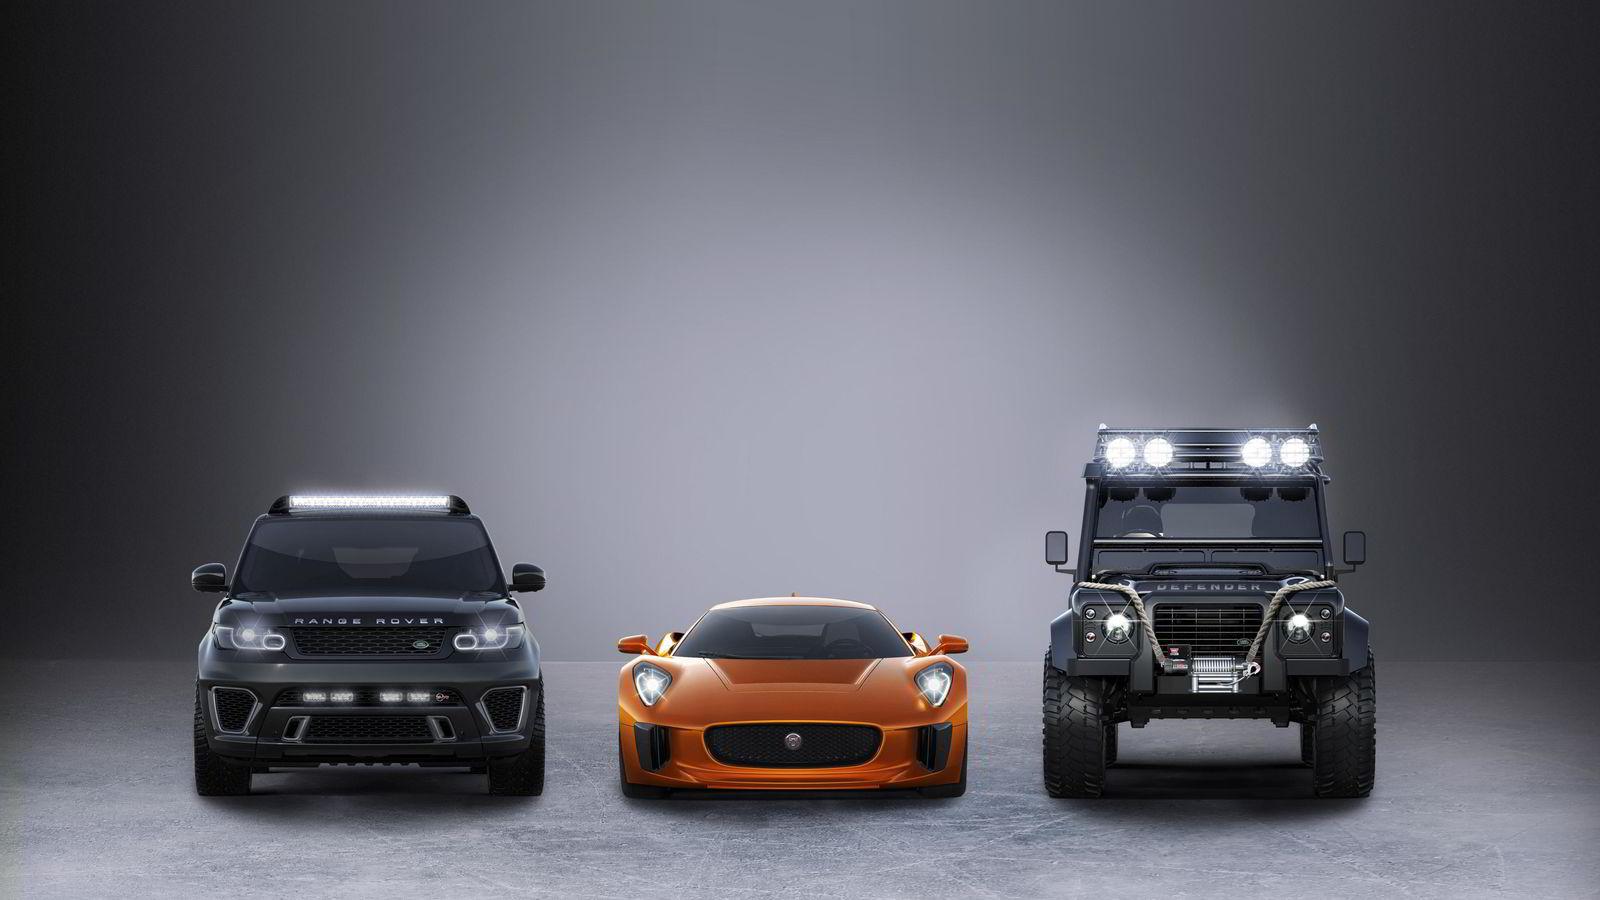 Disse tre bilene blir å se i den kommende James Bond-filmen